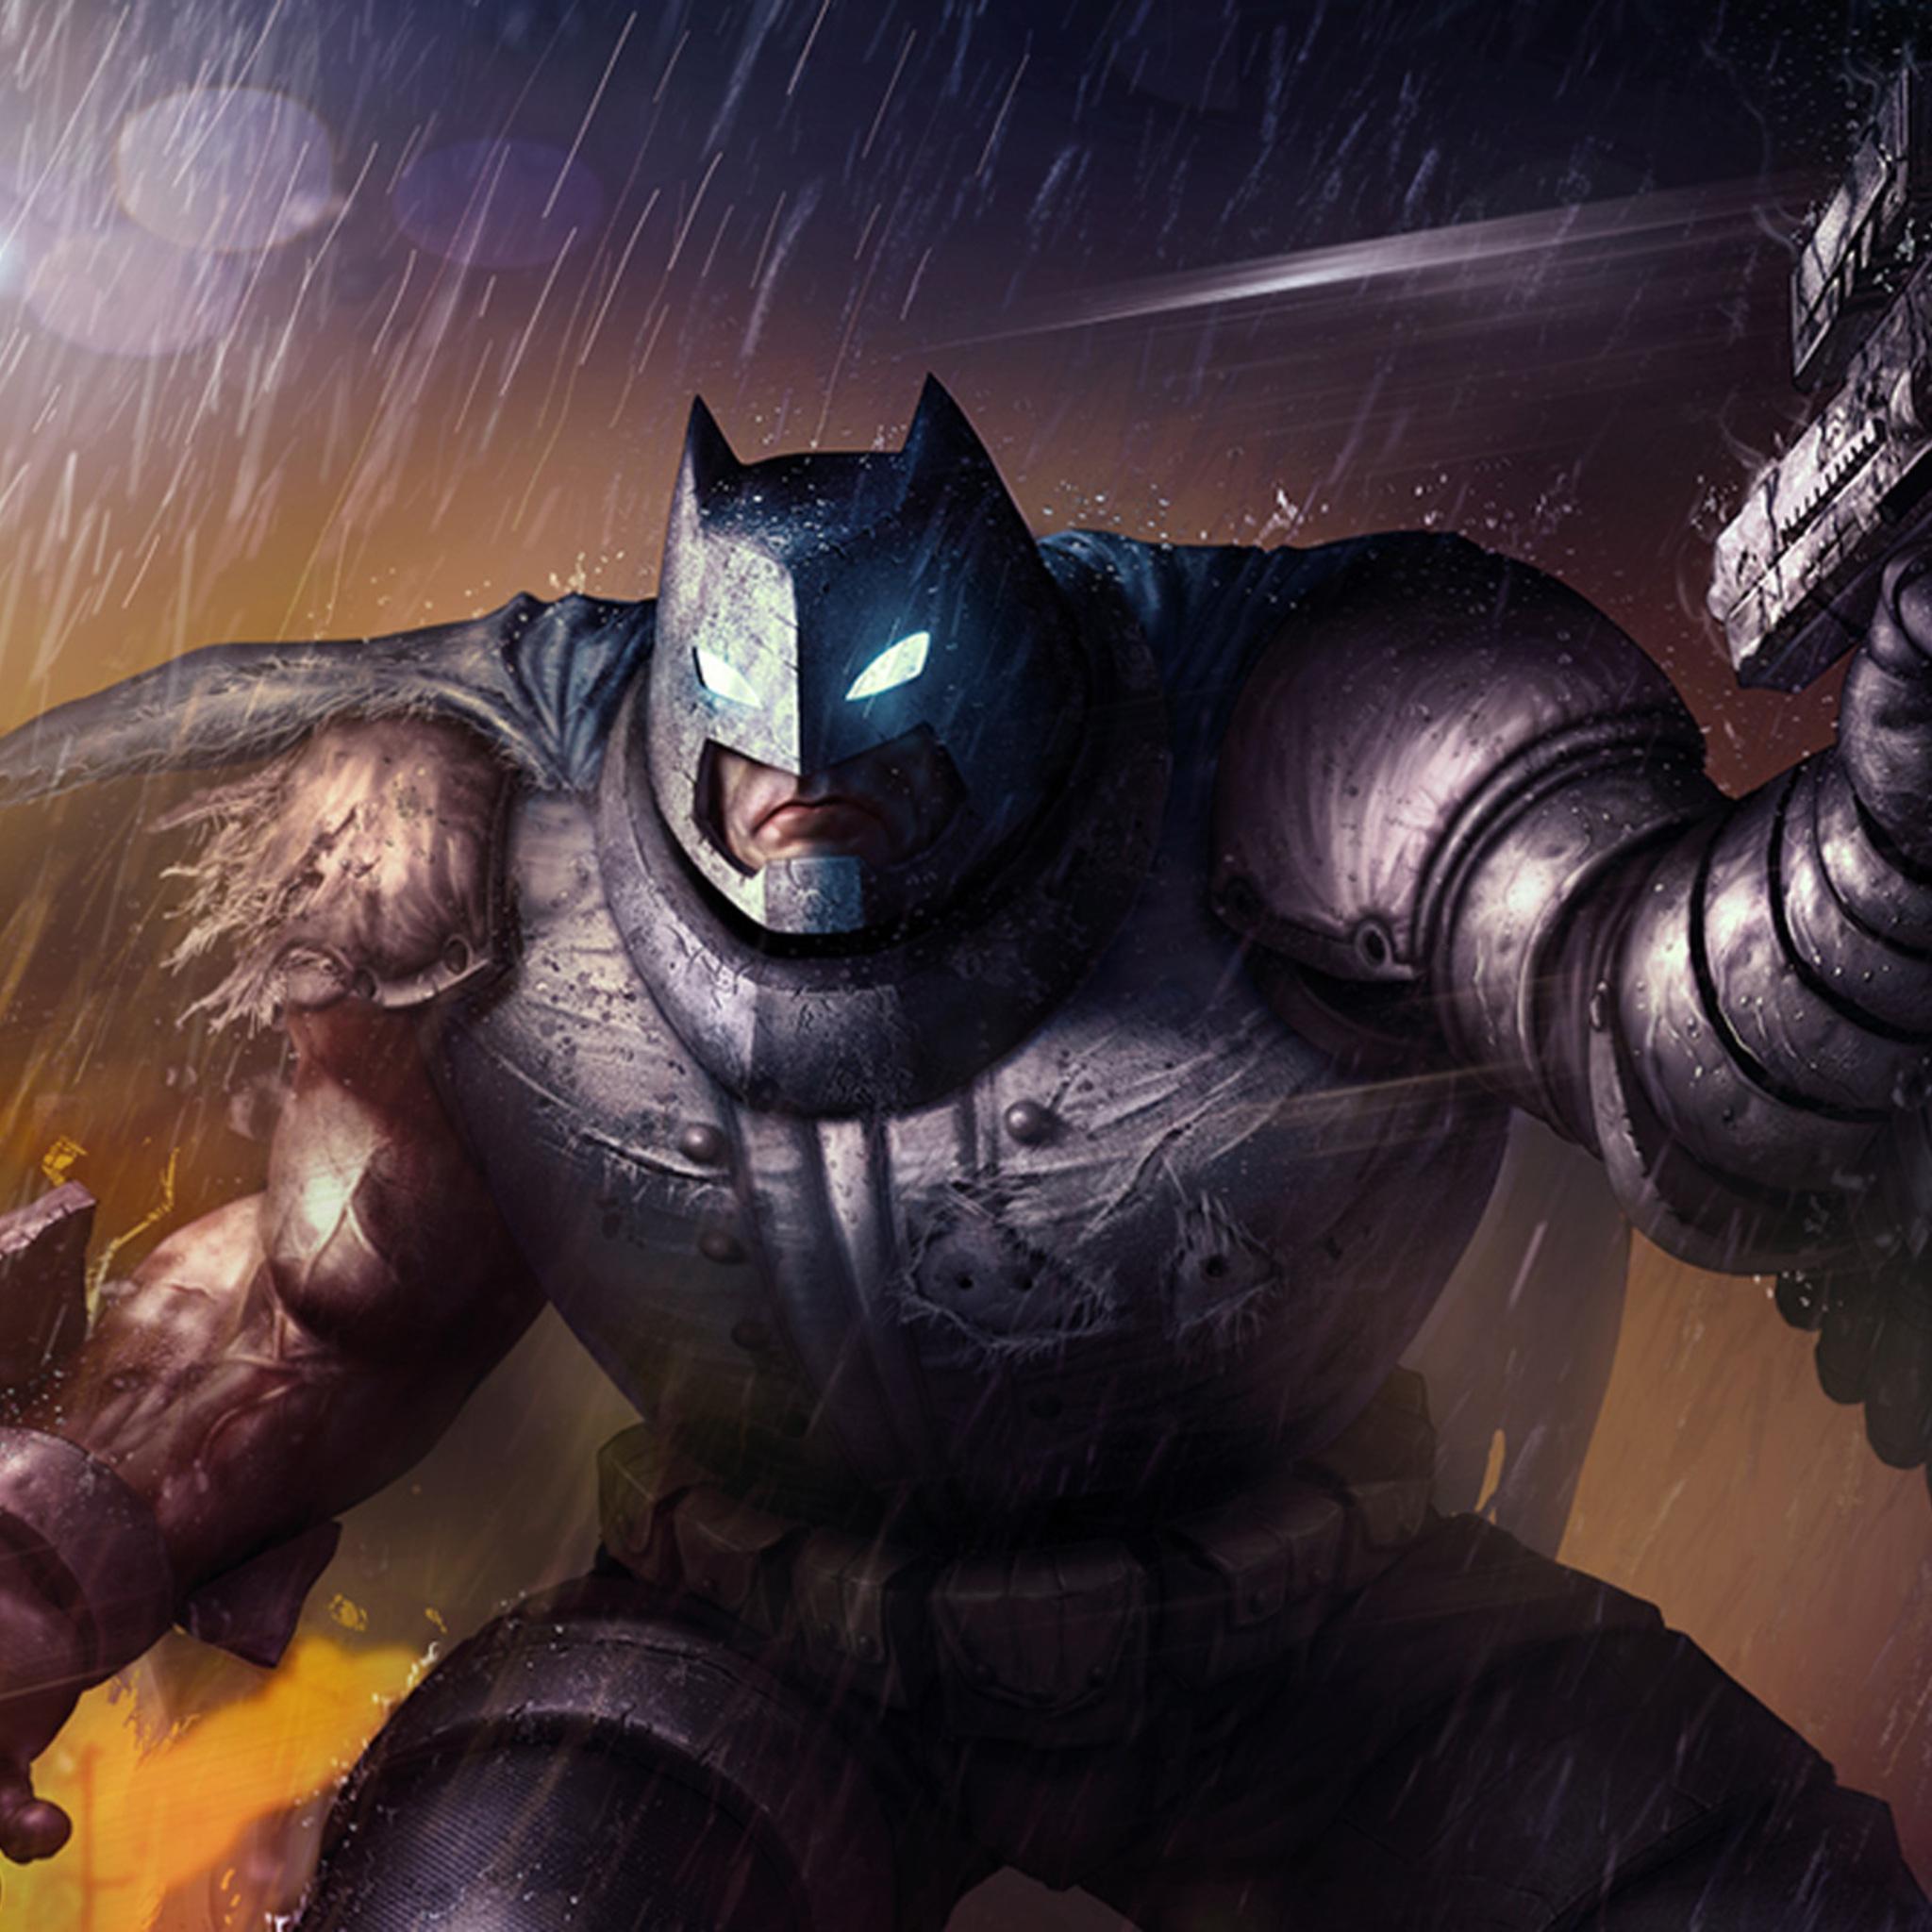 2048x2048 Batman The Dark Knight Returns Ipad Air Hd 4k Wallpapers